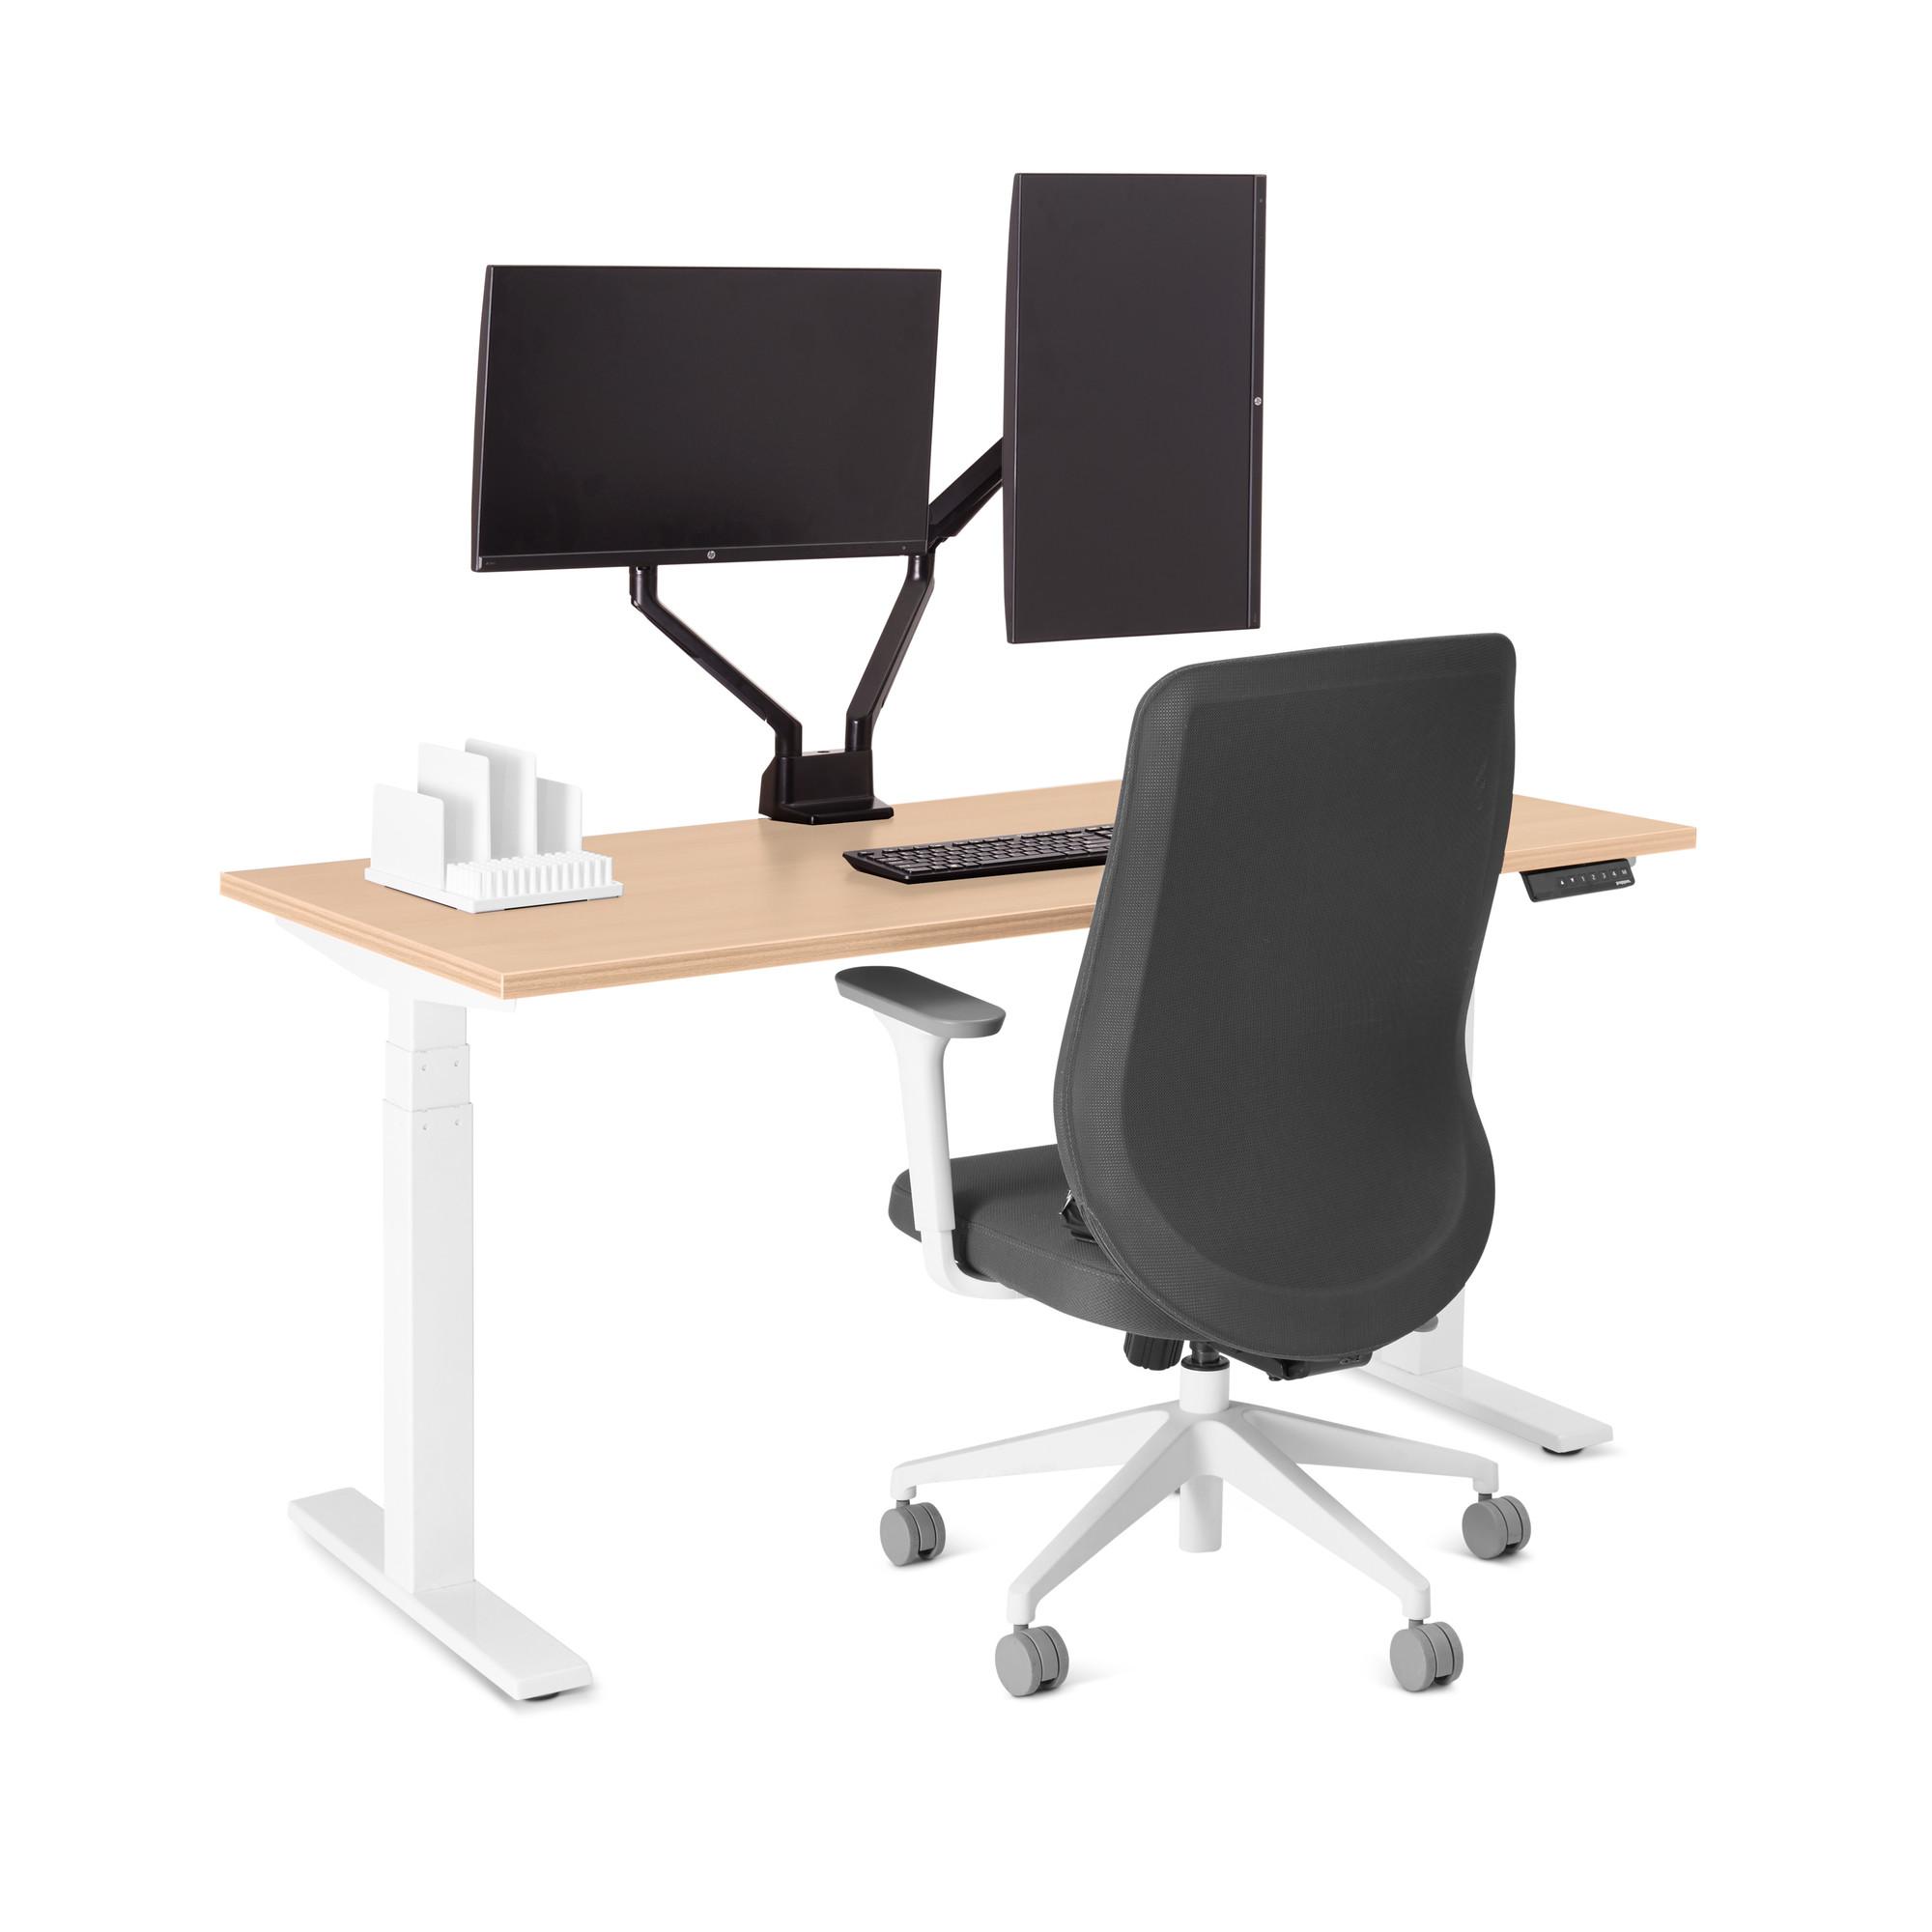 loft single desk natural oak 57 white legsnatural oak - Adjustable Height Computer Desk